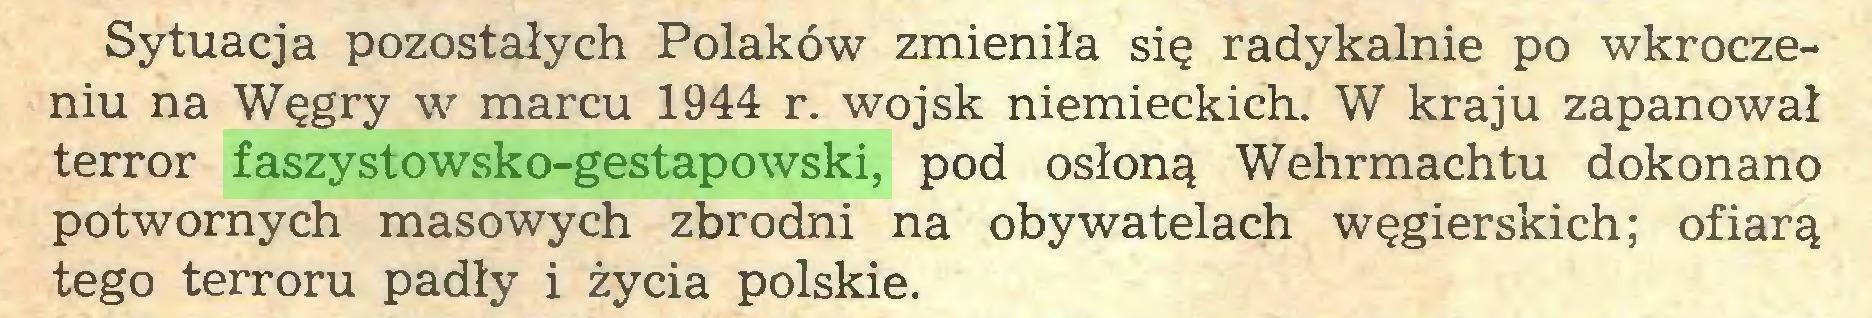 (...) Sytuacja pozostałych Polaków zmieniła się radykalnie po wkroczeniu na Węgry w marcu 1944 r. wojsk niemieckich. W kraju zapanował terror faszystowsko-gestapowski, pod osłoną Wehrmachtu dokonano potwornych masowych zbrodni na obywatelach węgierskich; ofiarą tego terroru padły i życia polskie...